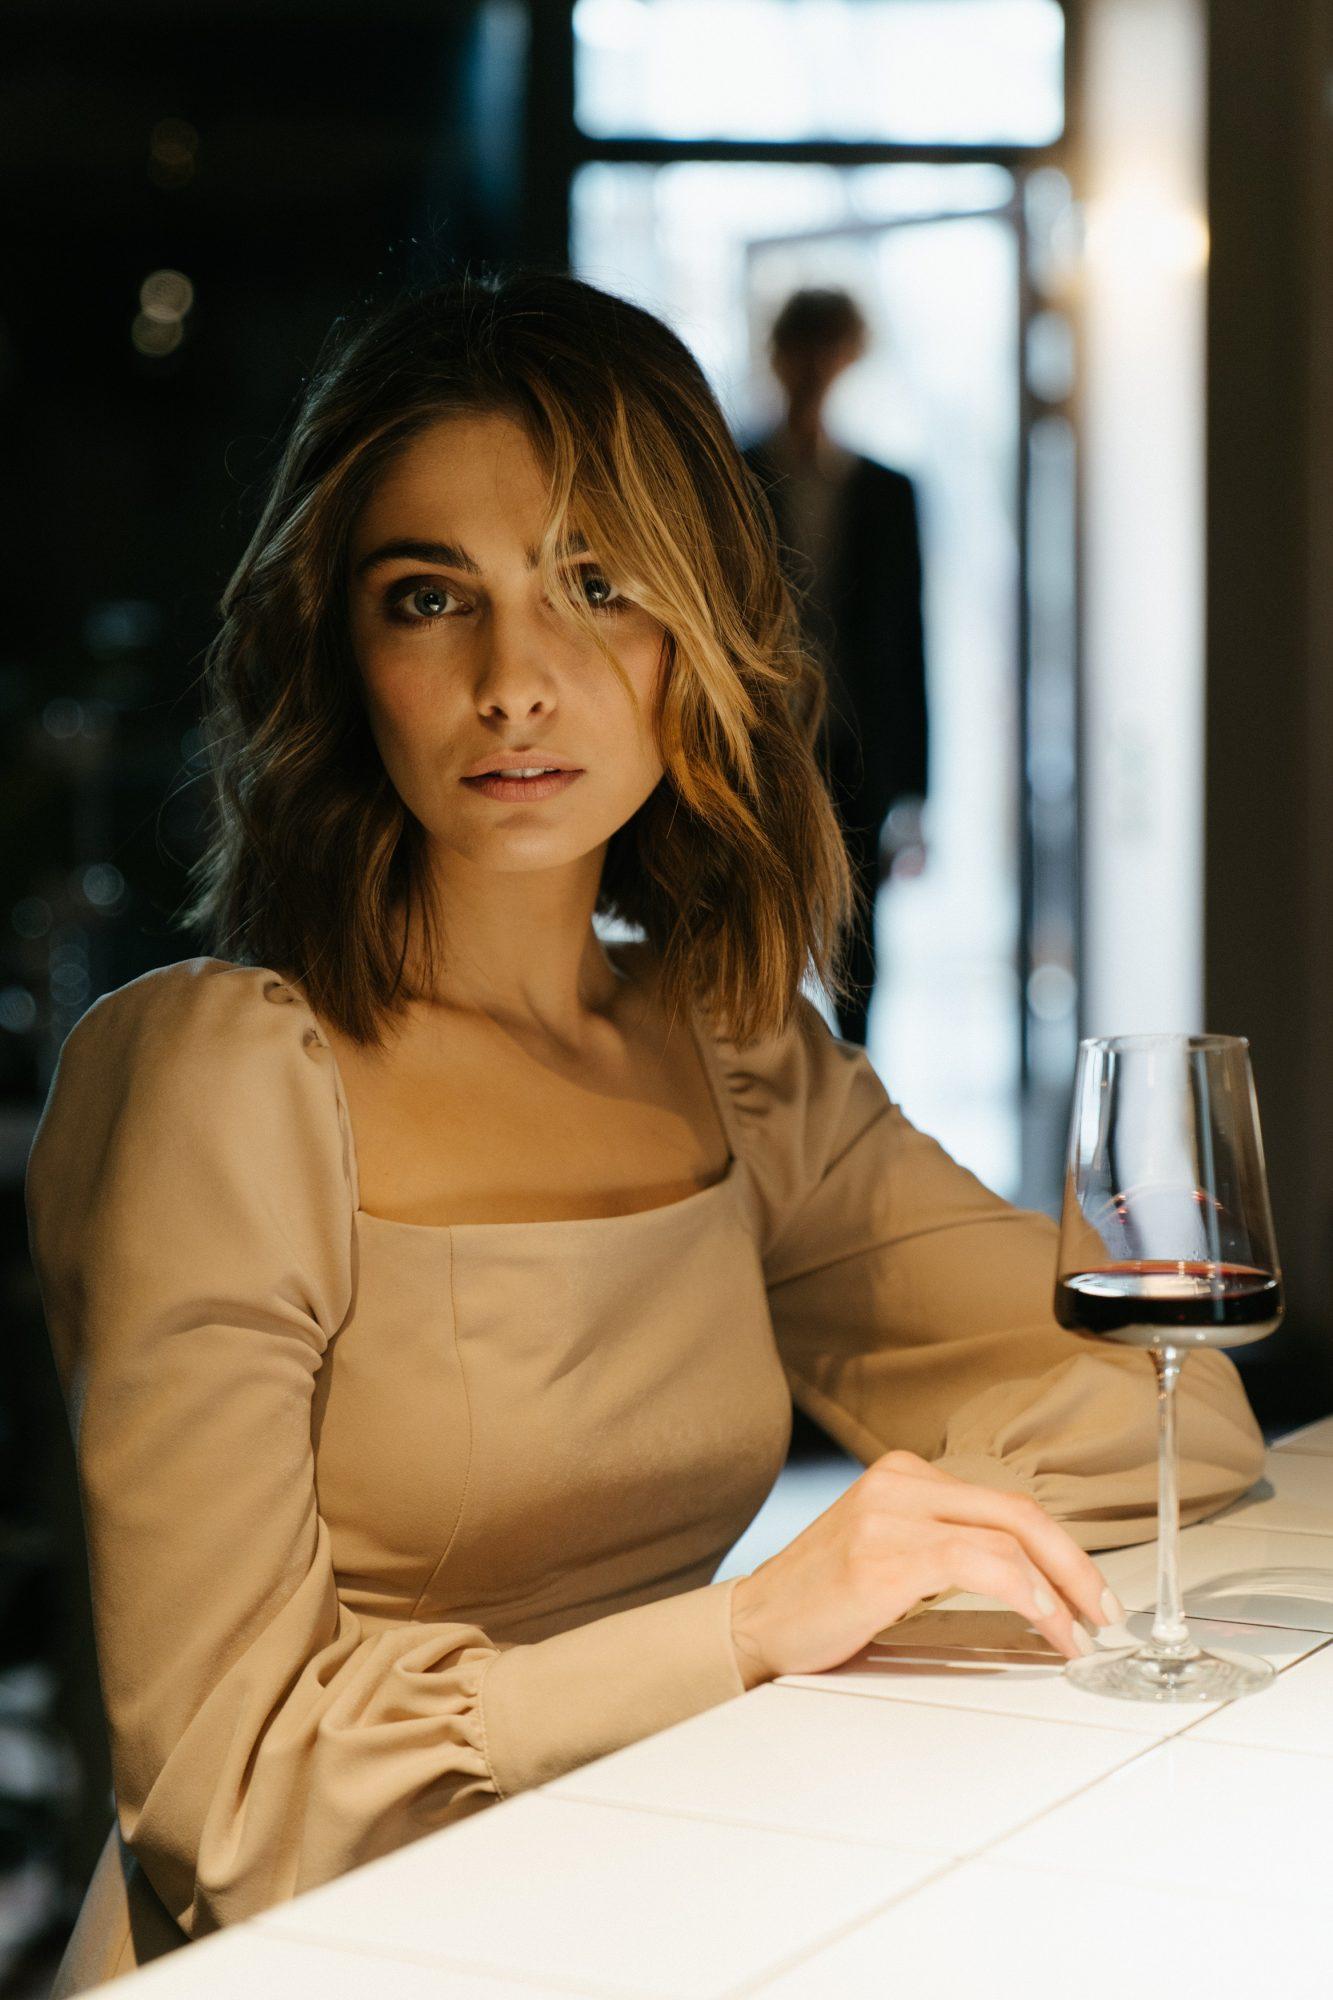 μόνη σε μπαρ